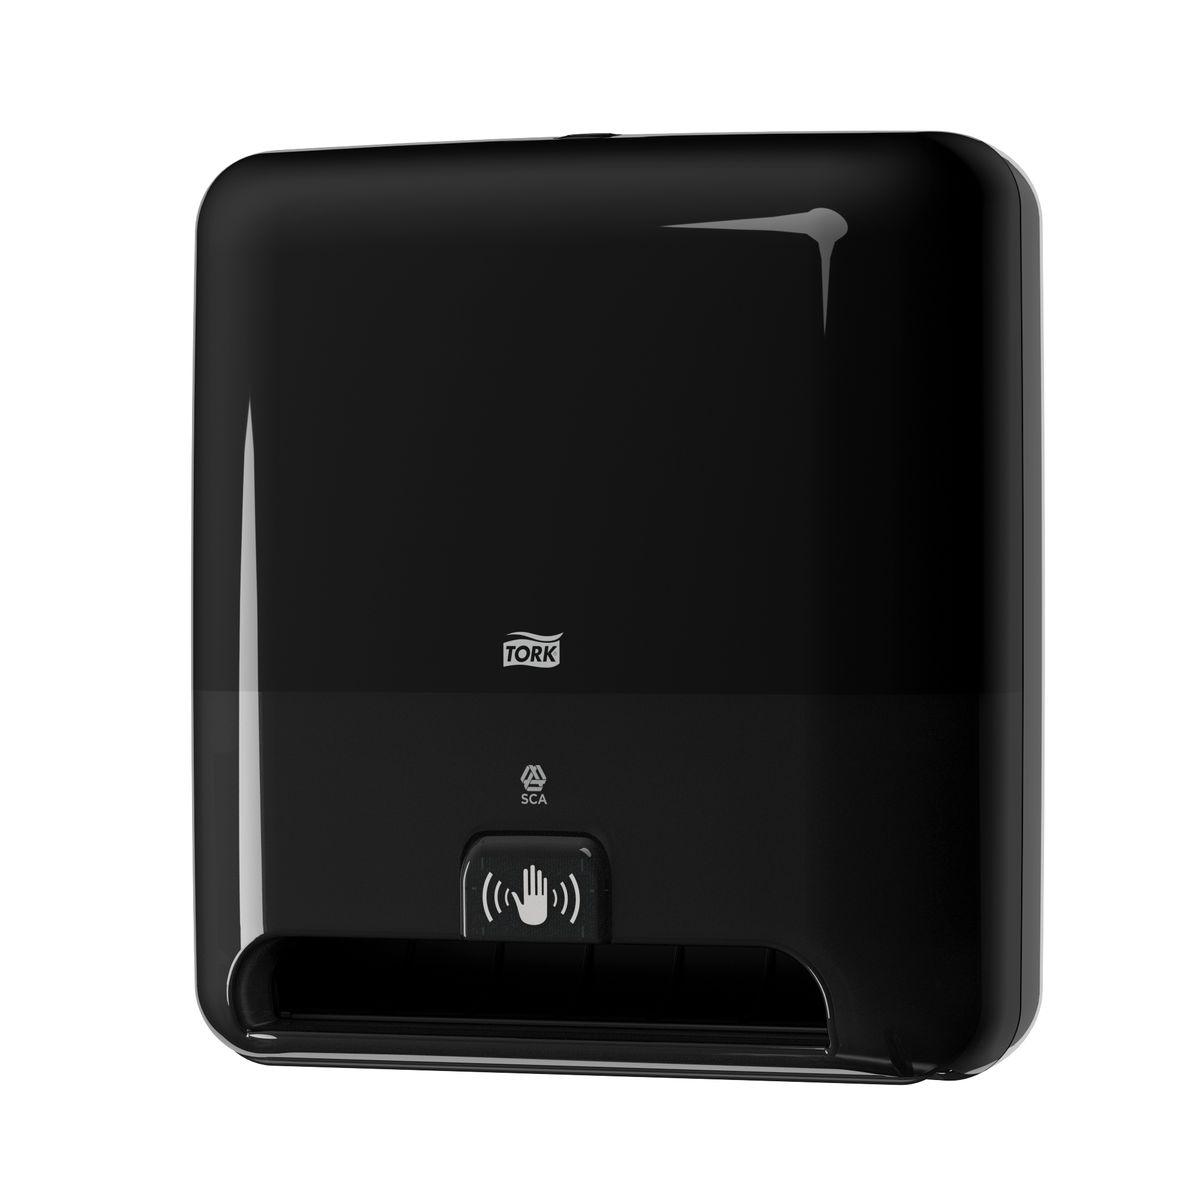 Диспенсер для бумажных полотенец Tork, цвет: черный. 551108RG-D31SСистема Н1 - Полотенца в рулонах.Сенсорный диспенсер для полотенец в рулонах Tork Matic - это гигиеничное и экономичное решение.•Бесконтактный отбор полотенец обеспечивает высокий уровень гигиены•Большая вместимость сокращает частоту перезаправок•Интуитивно понятная конструкция облегчает и ускоряет перезаправку•Возможность регулировать длину полотенца обеспечивает контроль расхода полотенец•Световые индикаторы замены элементов питания и расхода рулона•Бесшумная работа сенсора